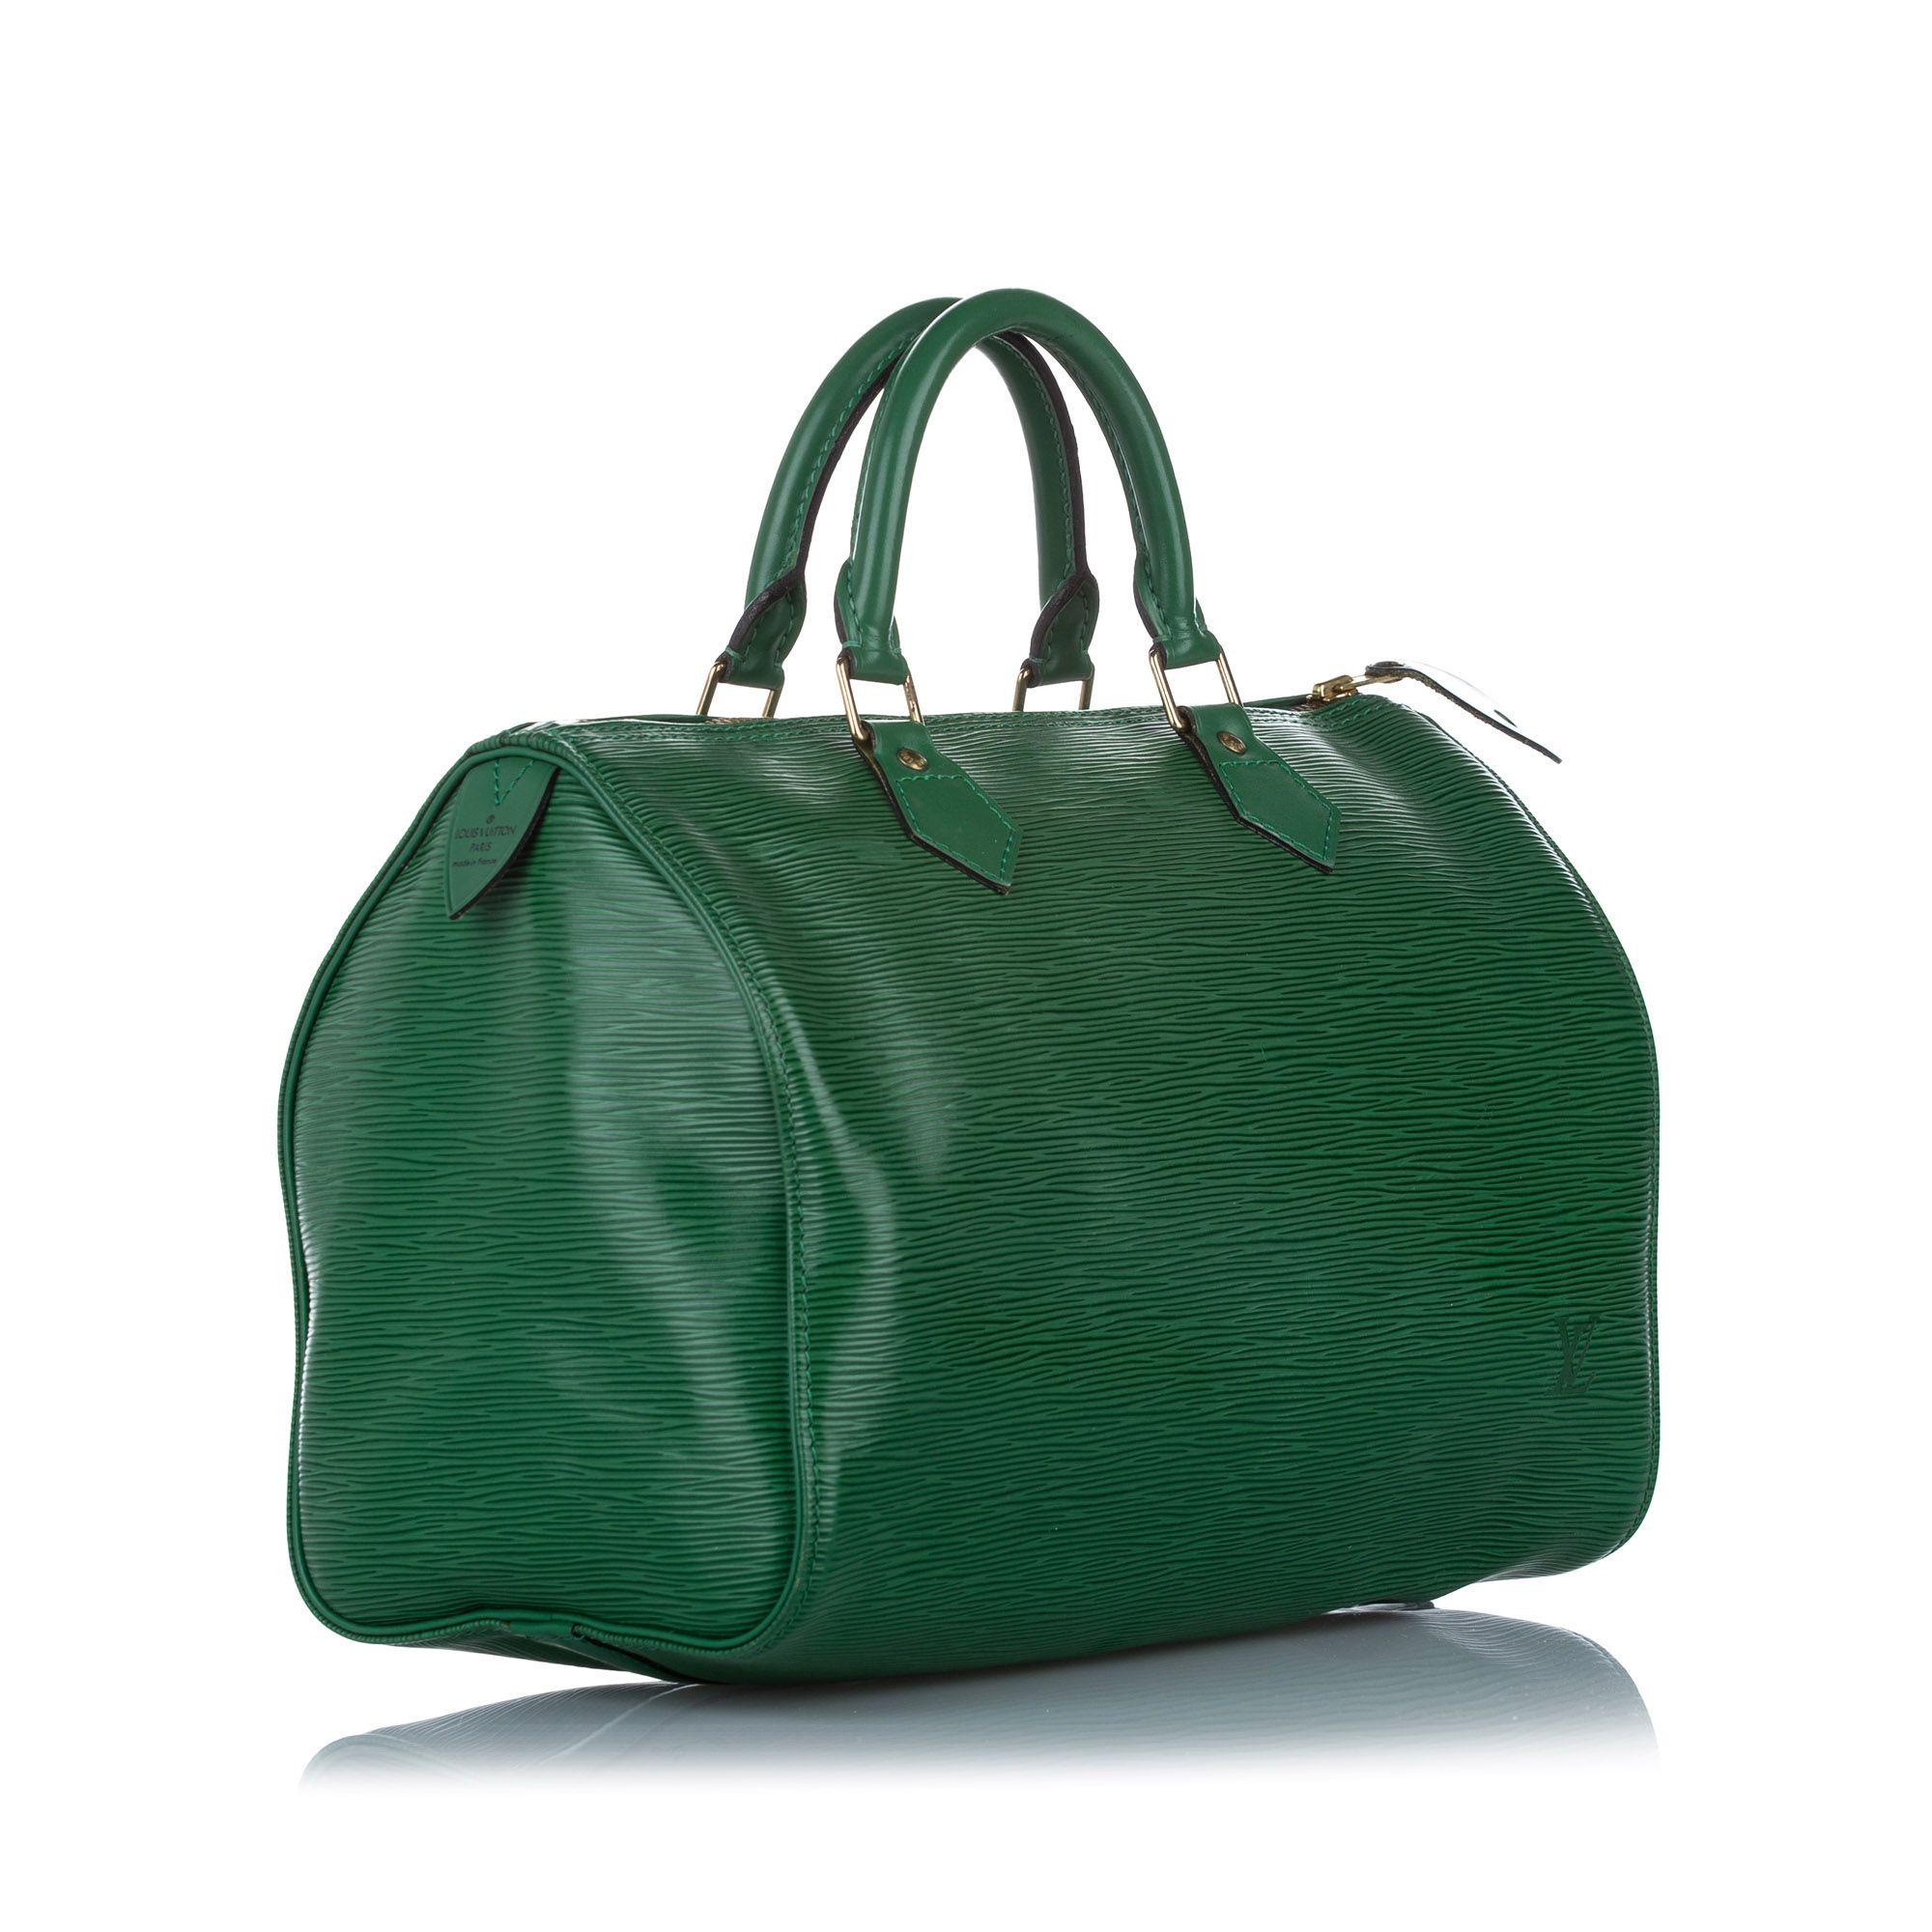 Vintage Louis Vuitton Epi Speedy 30 Green